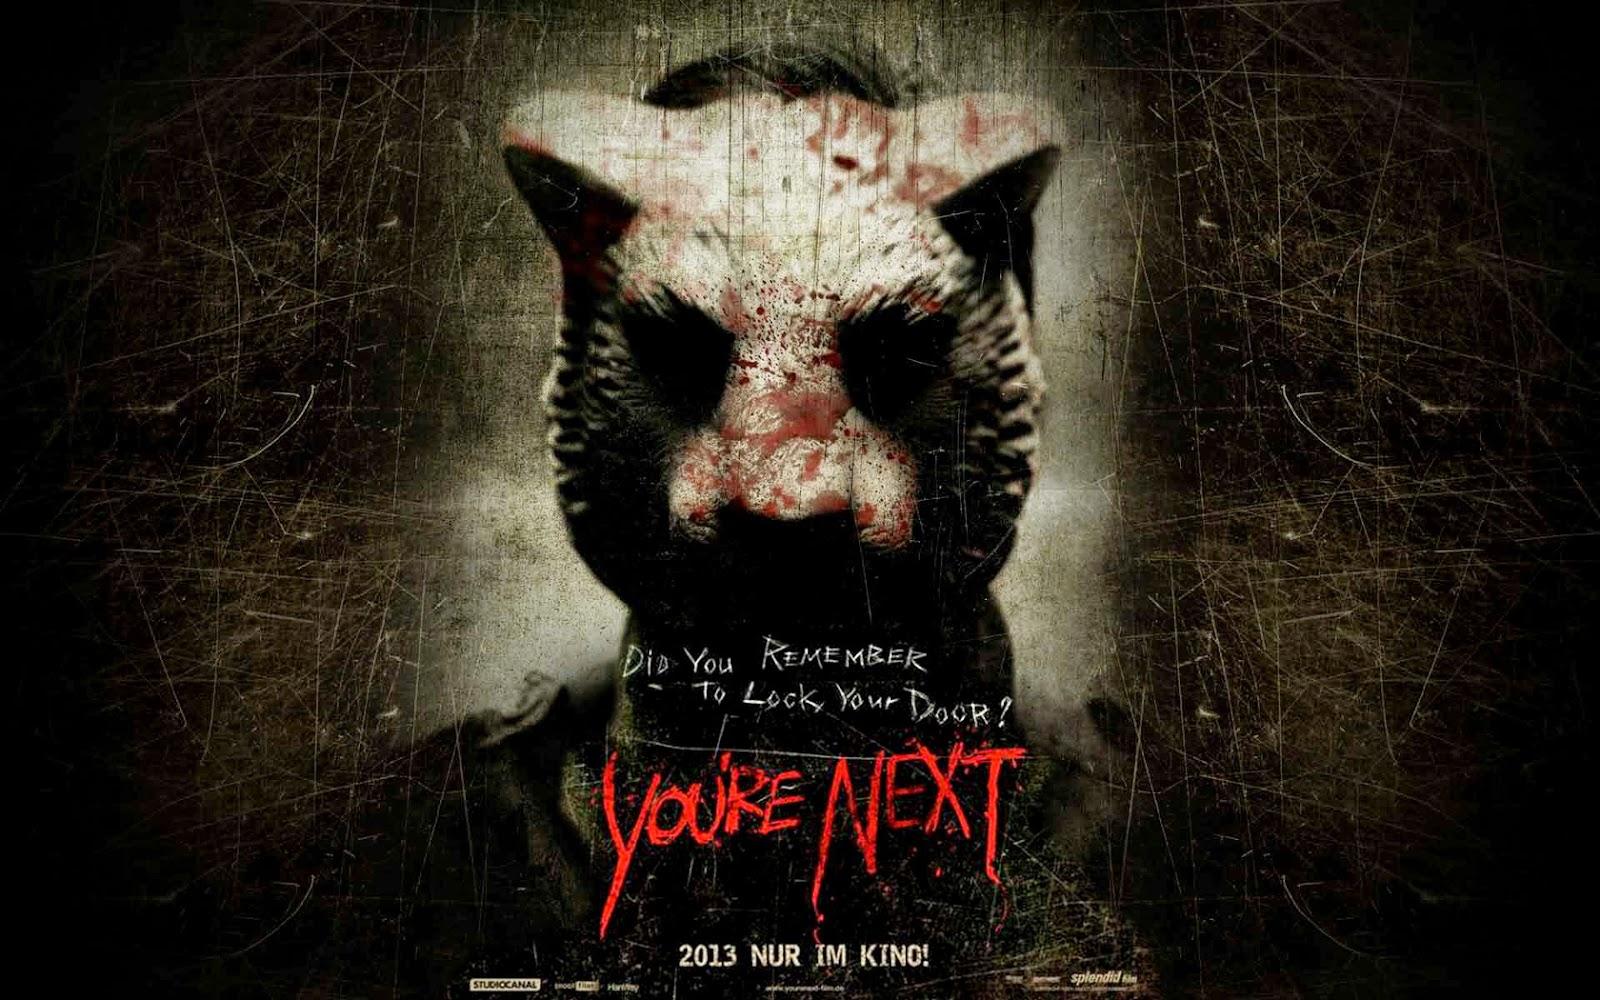 Watch Online Movie: Watch Youre Next Online Free